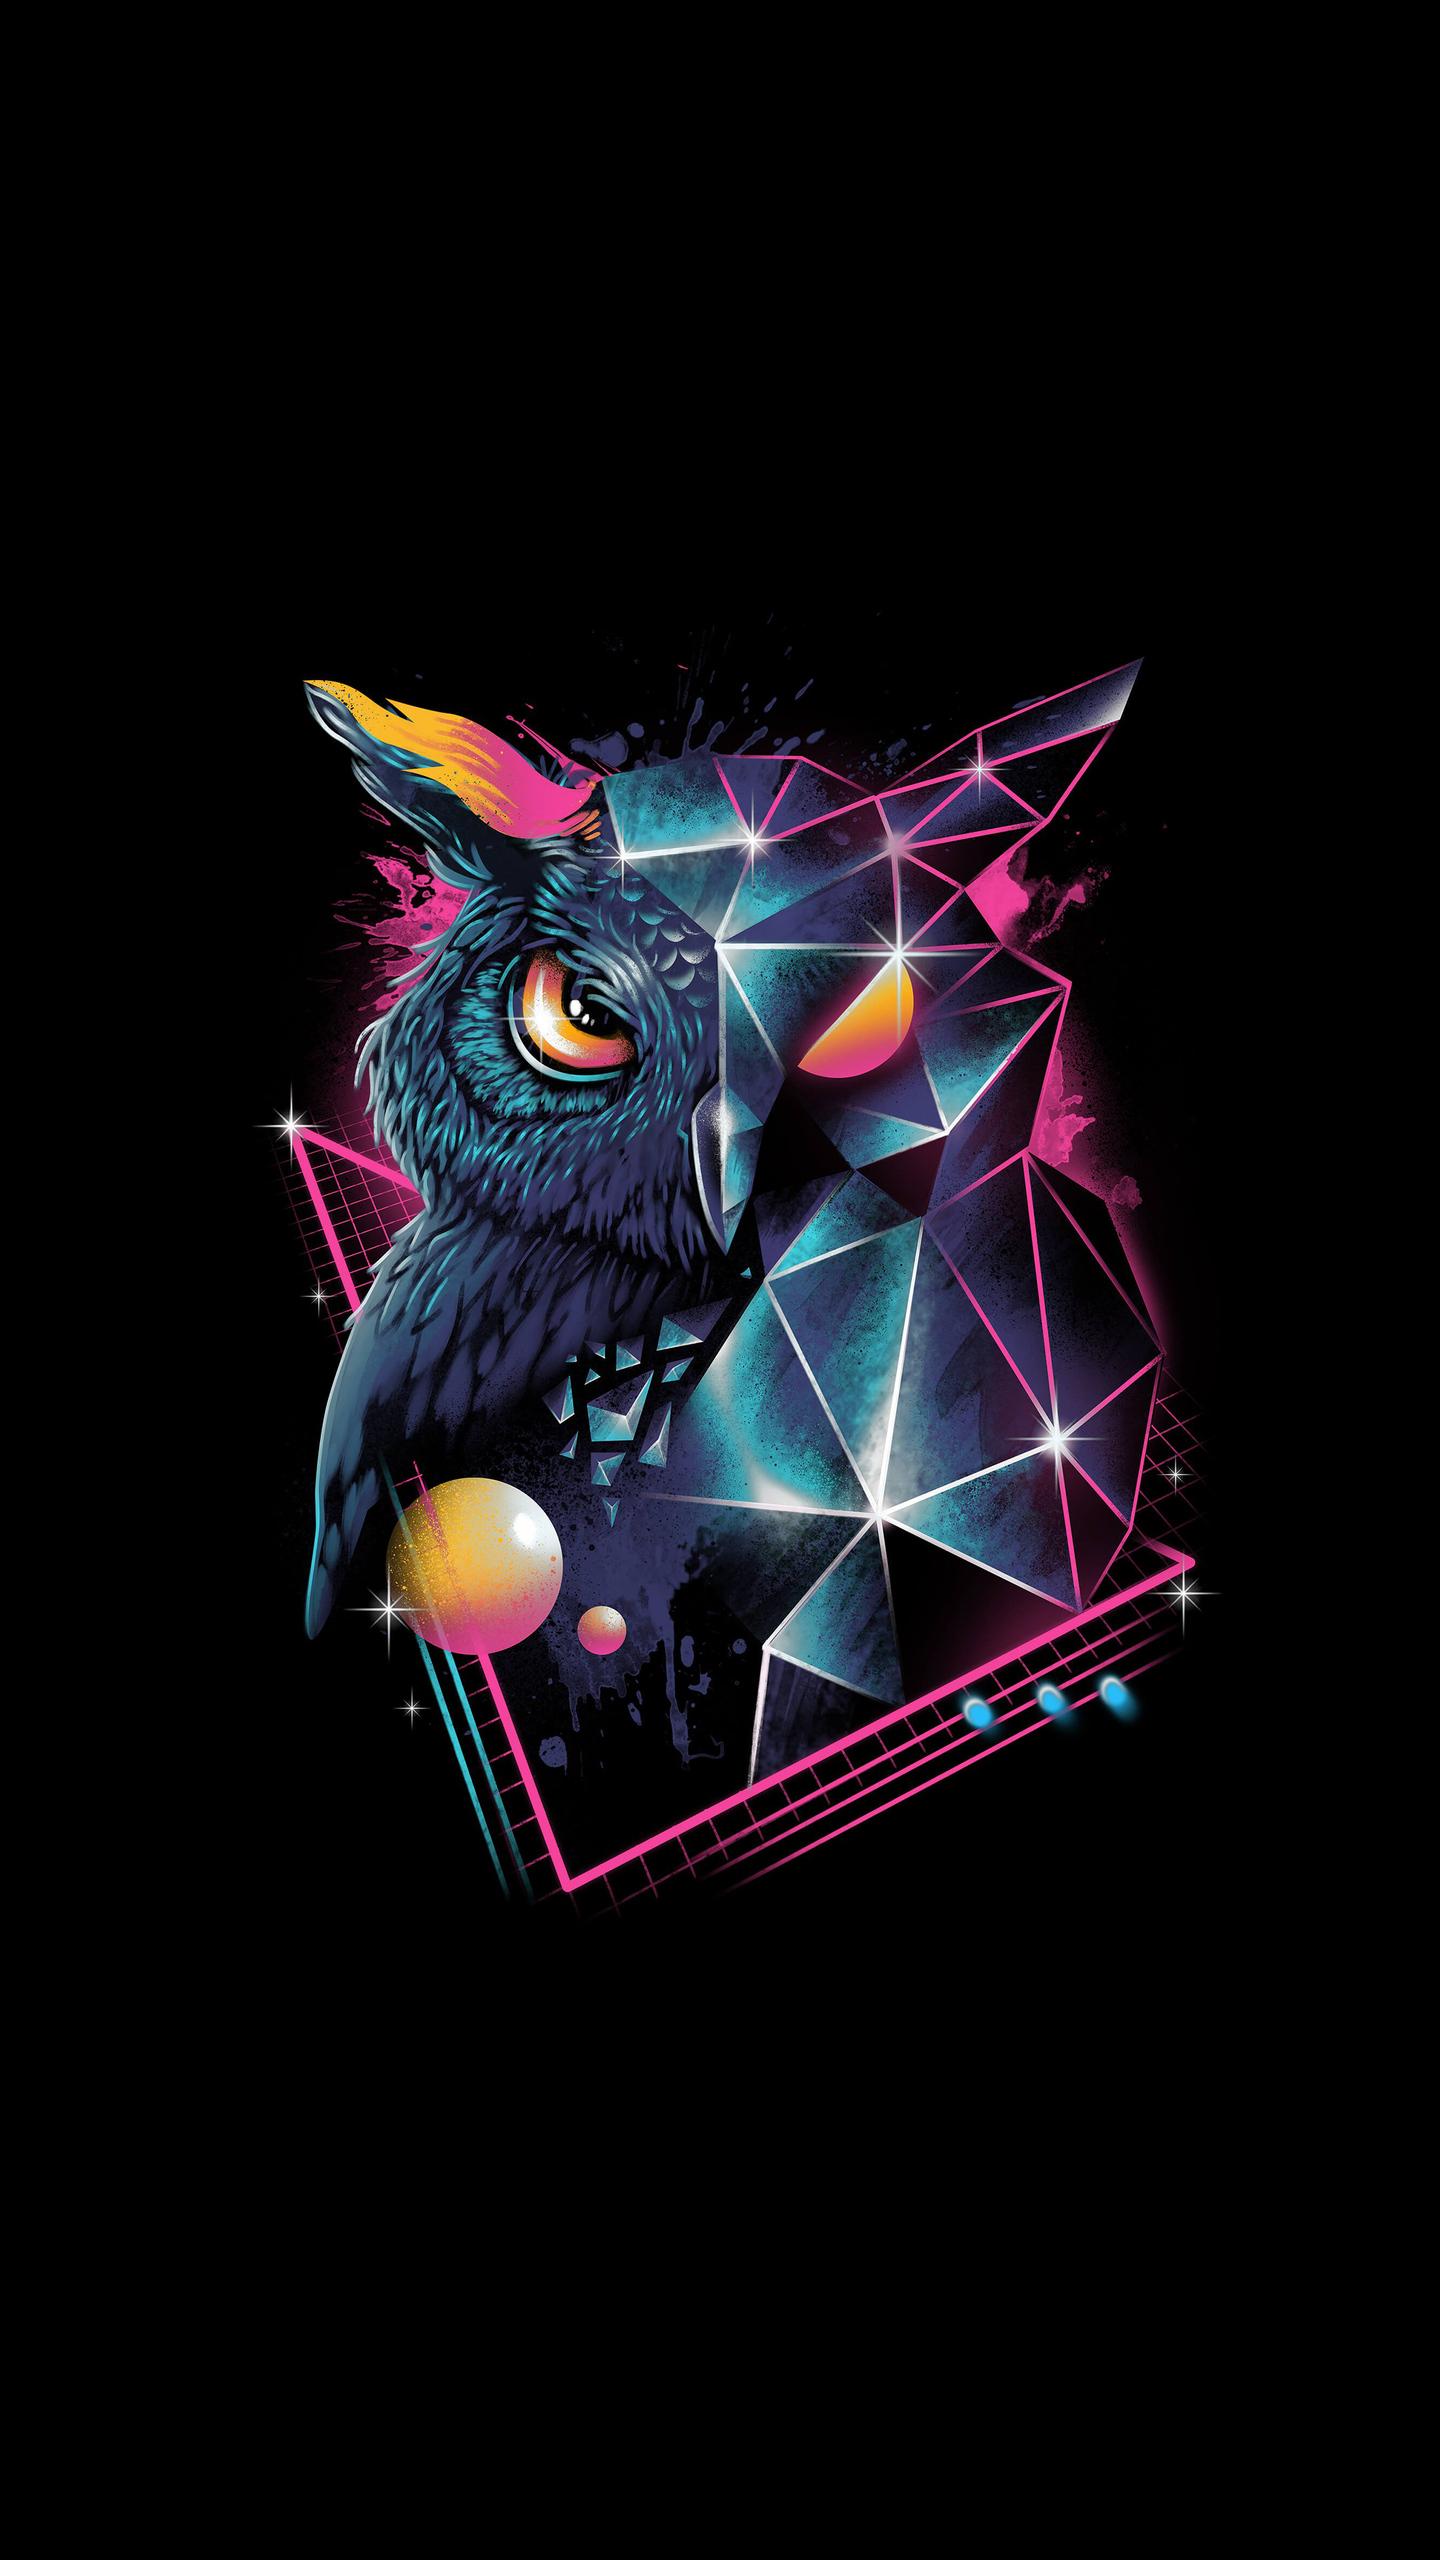 owl 80s design 4k kj